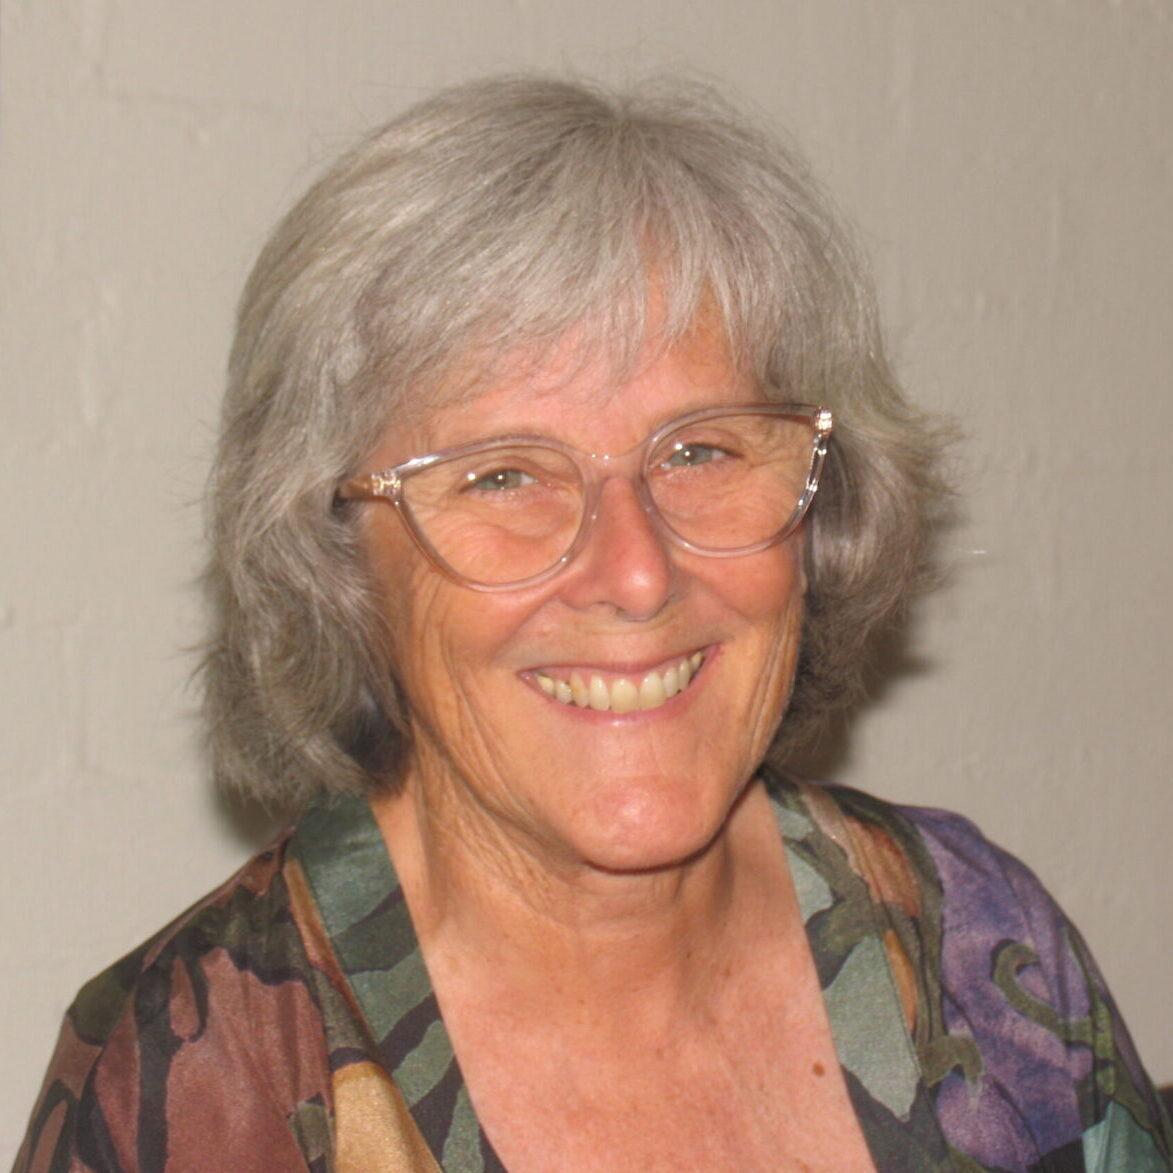 General board member, Cath Watson